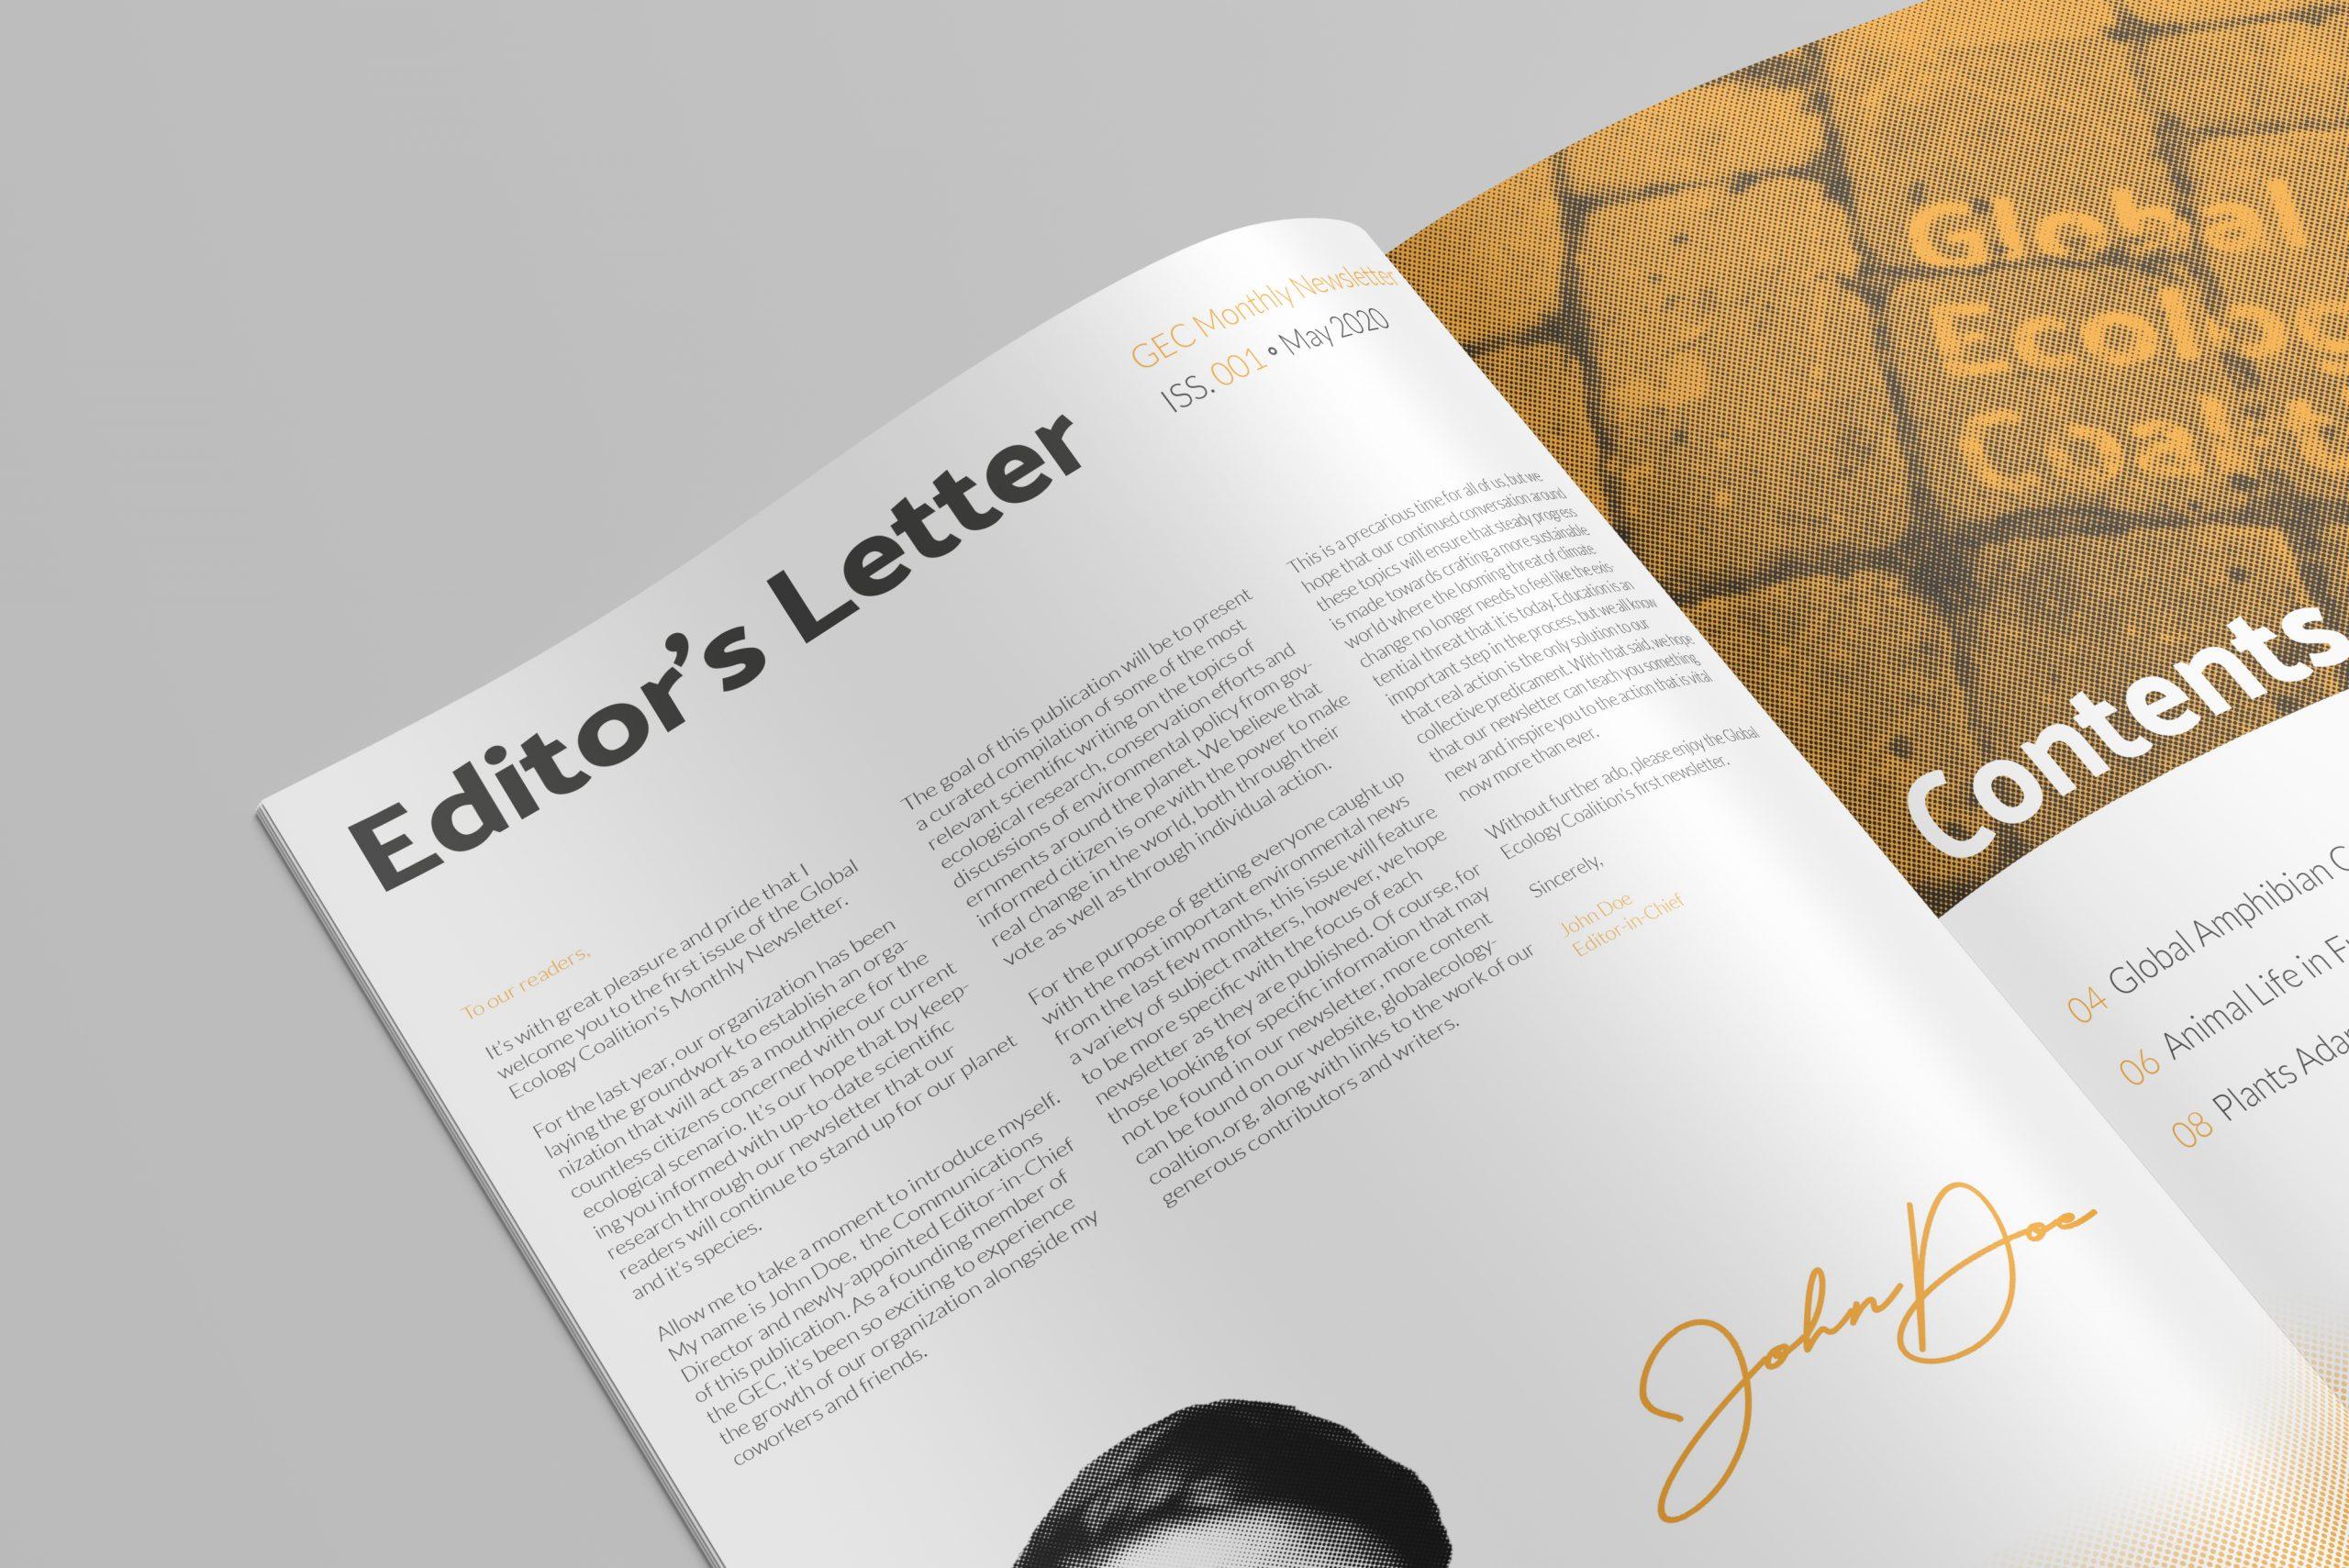 GEC Newsletter Editor's Letter